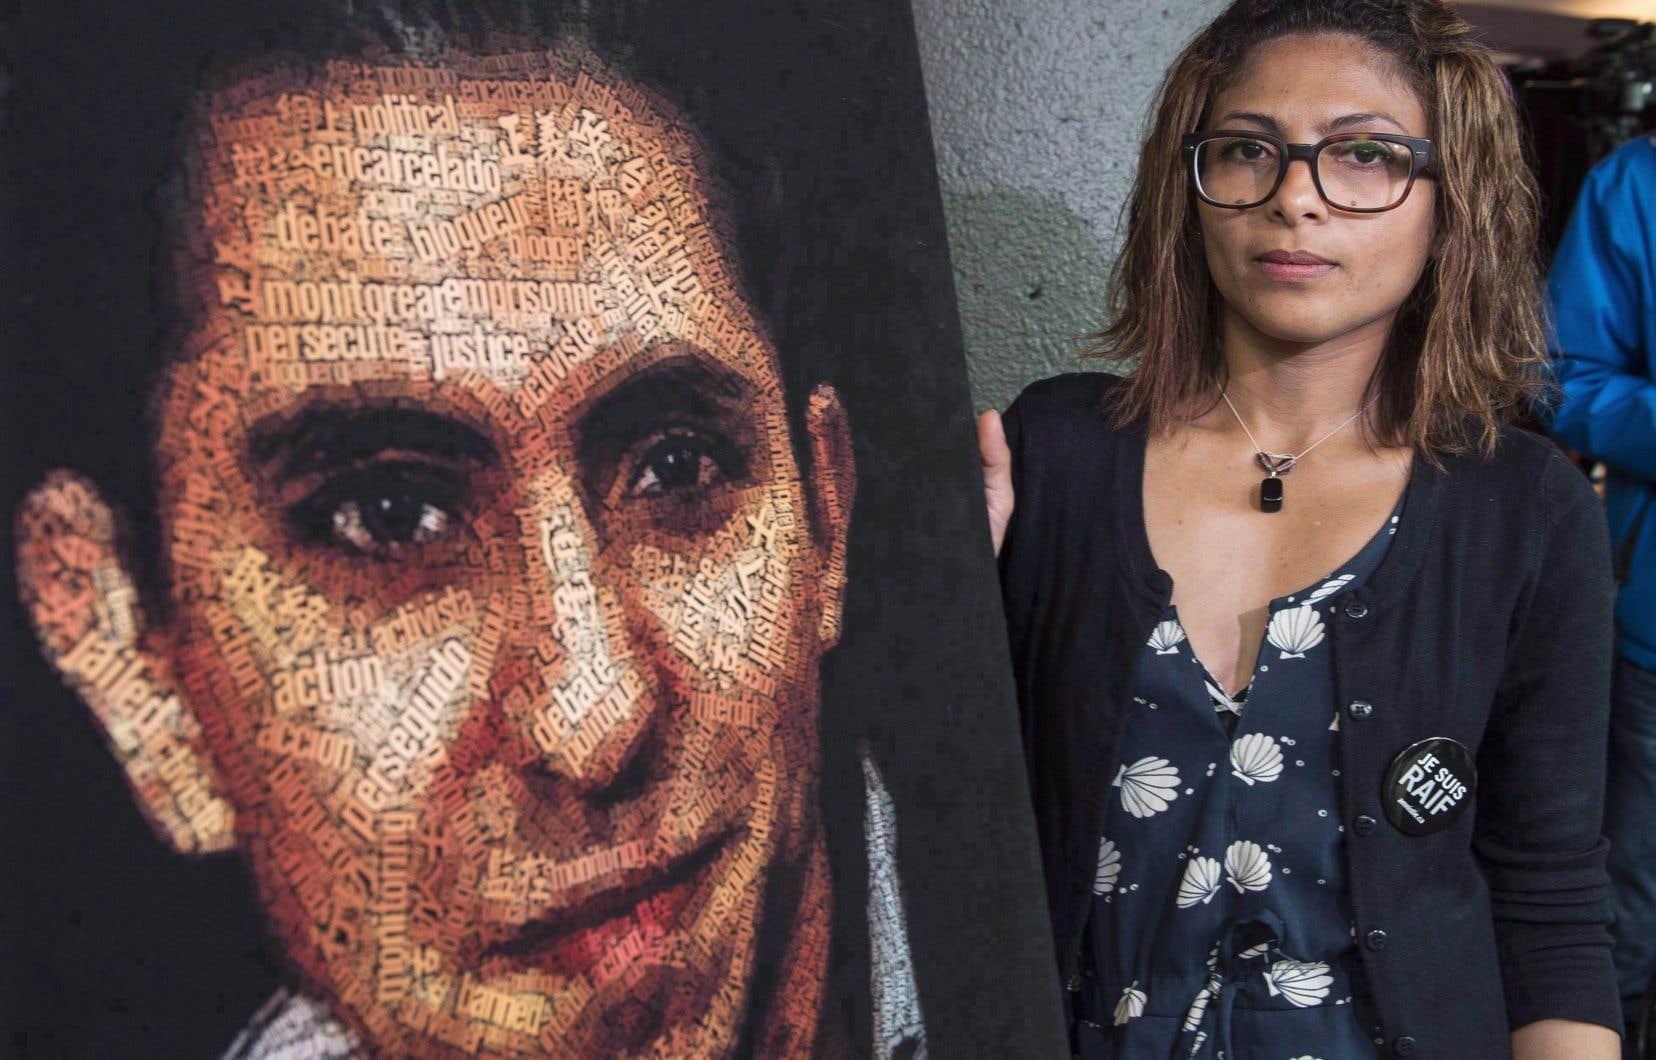 Ensaf Haidar, la conjointe de Raïf Badawi, cherche à devenir la candidate du Bloc québécois aux prochaines élections fédérales.